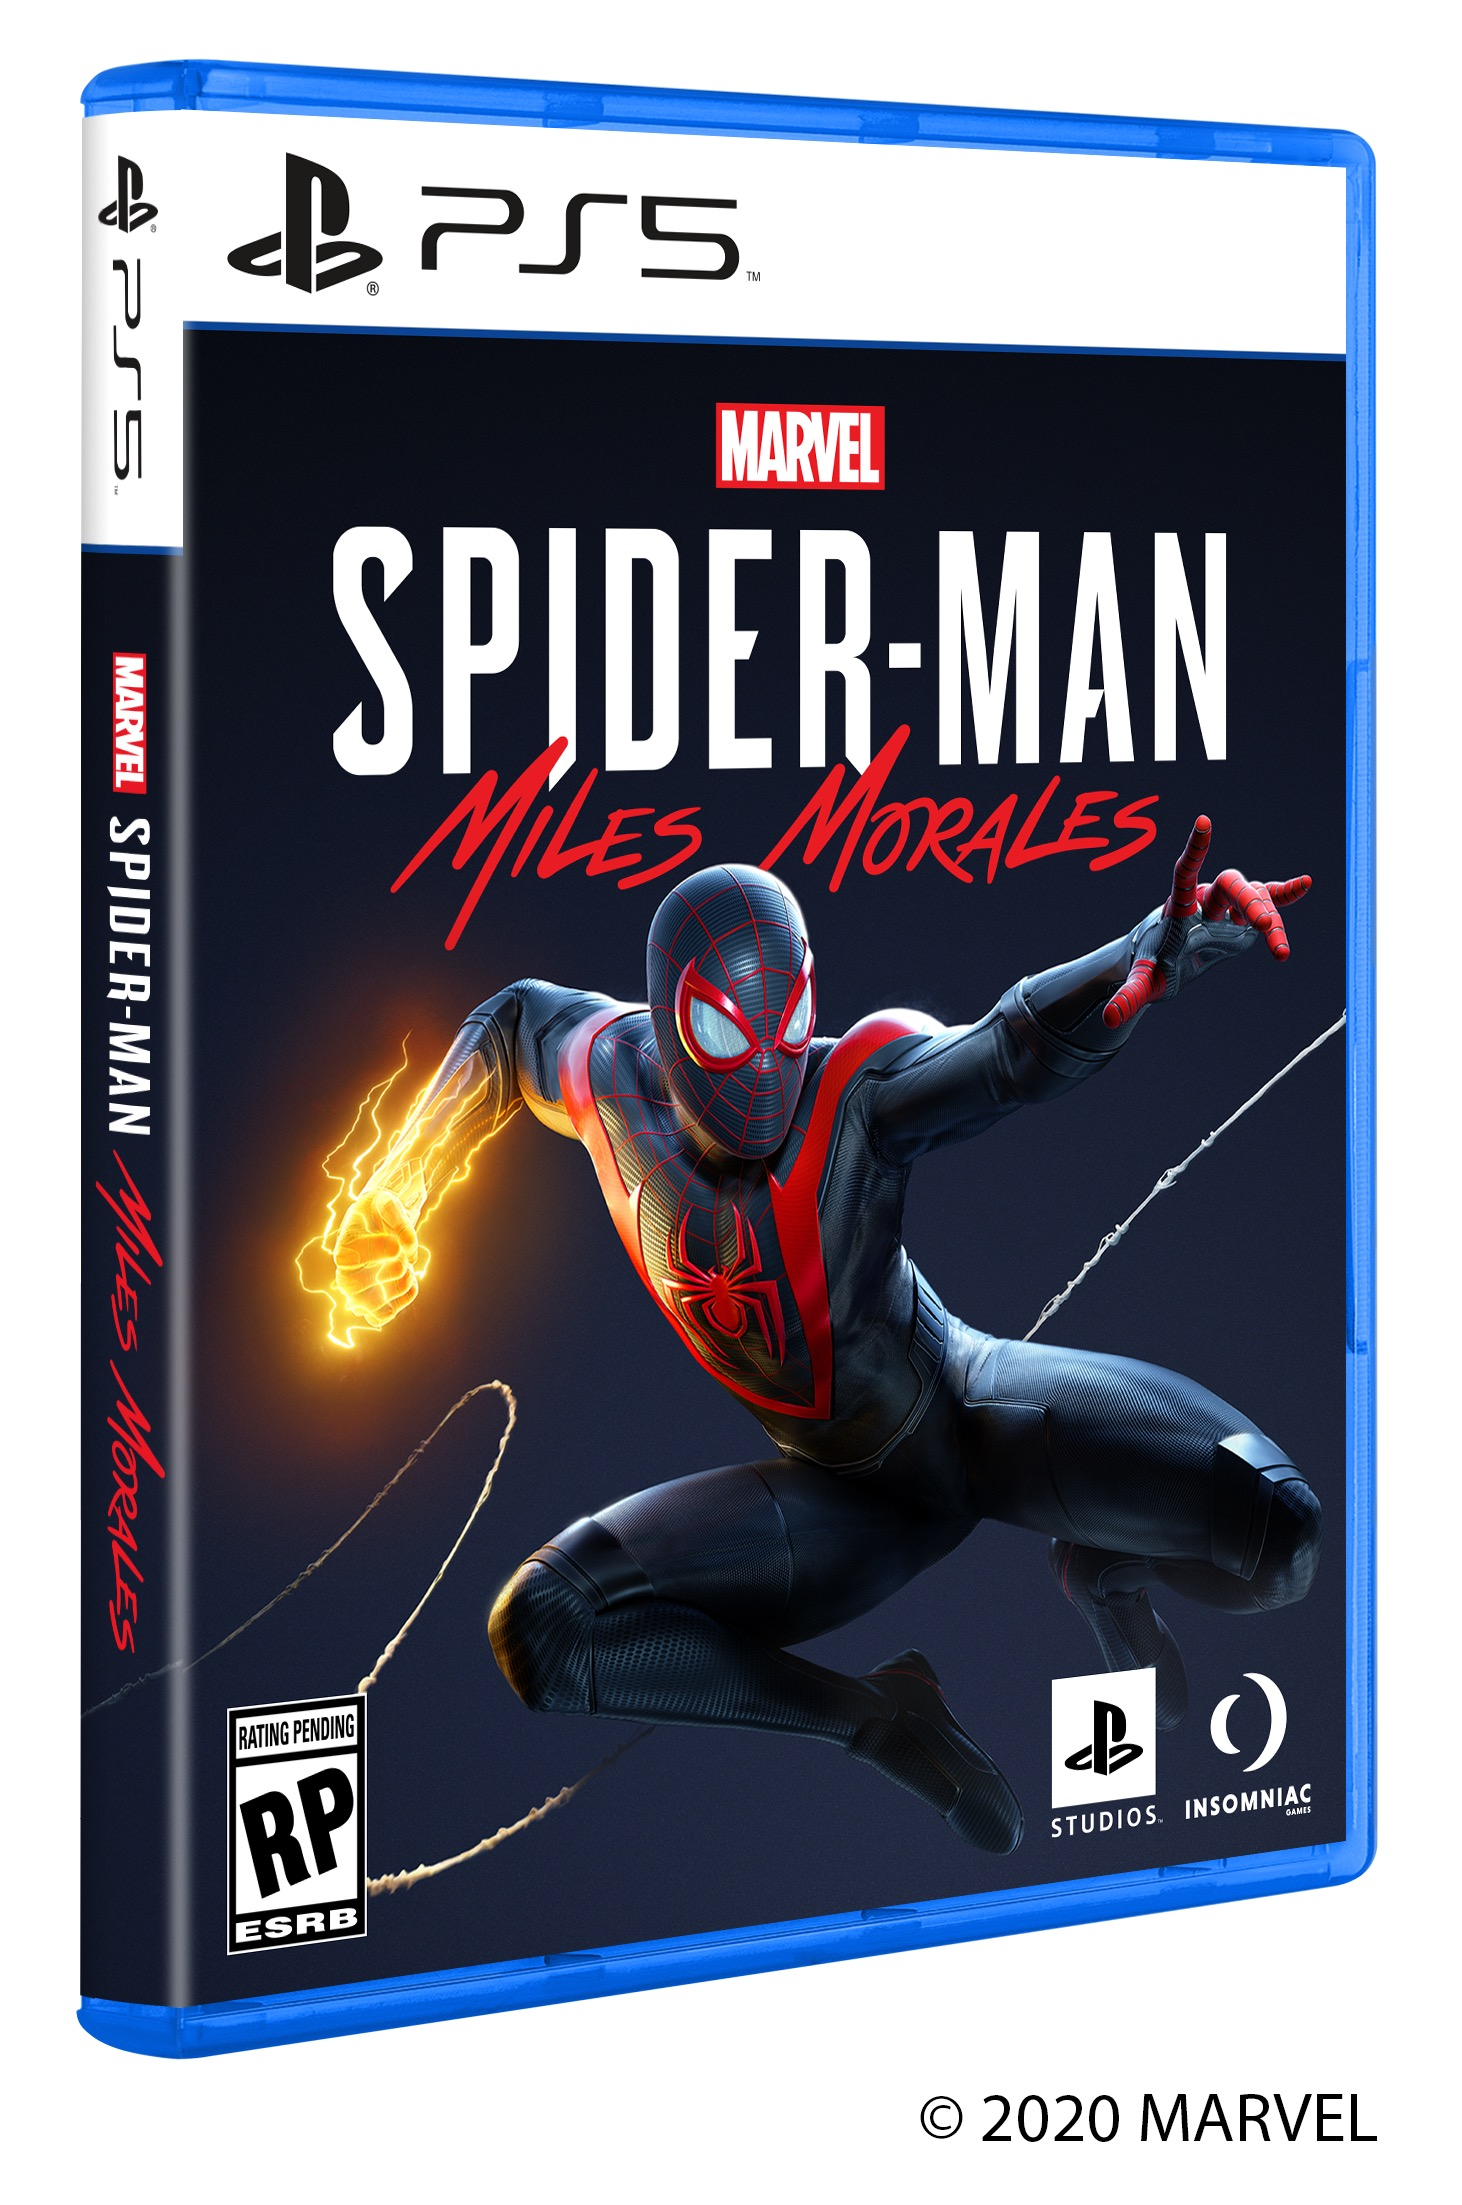 تصویر روی جلد بازیهای PS5